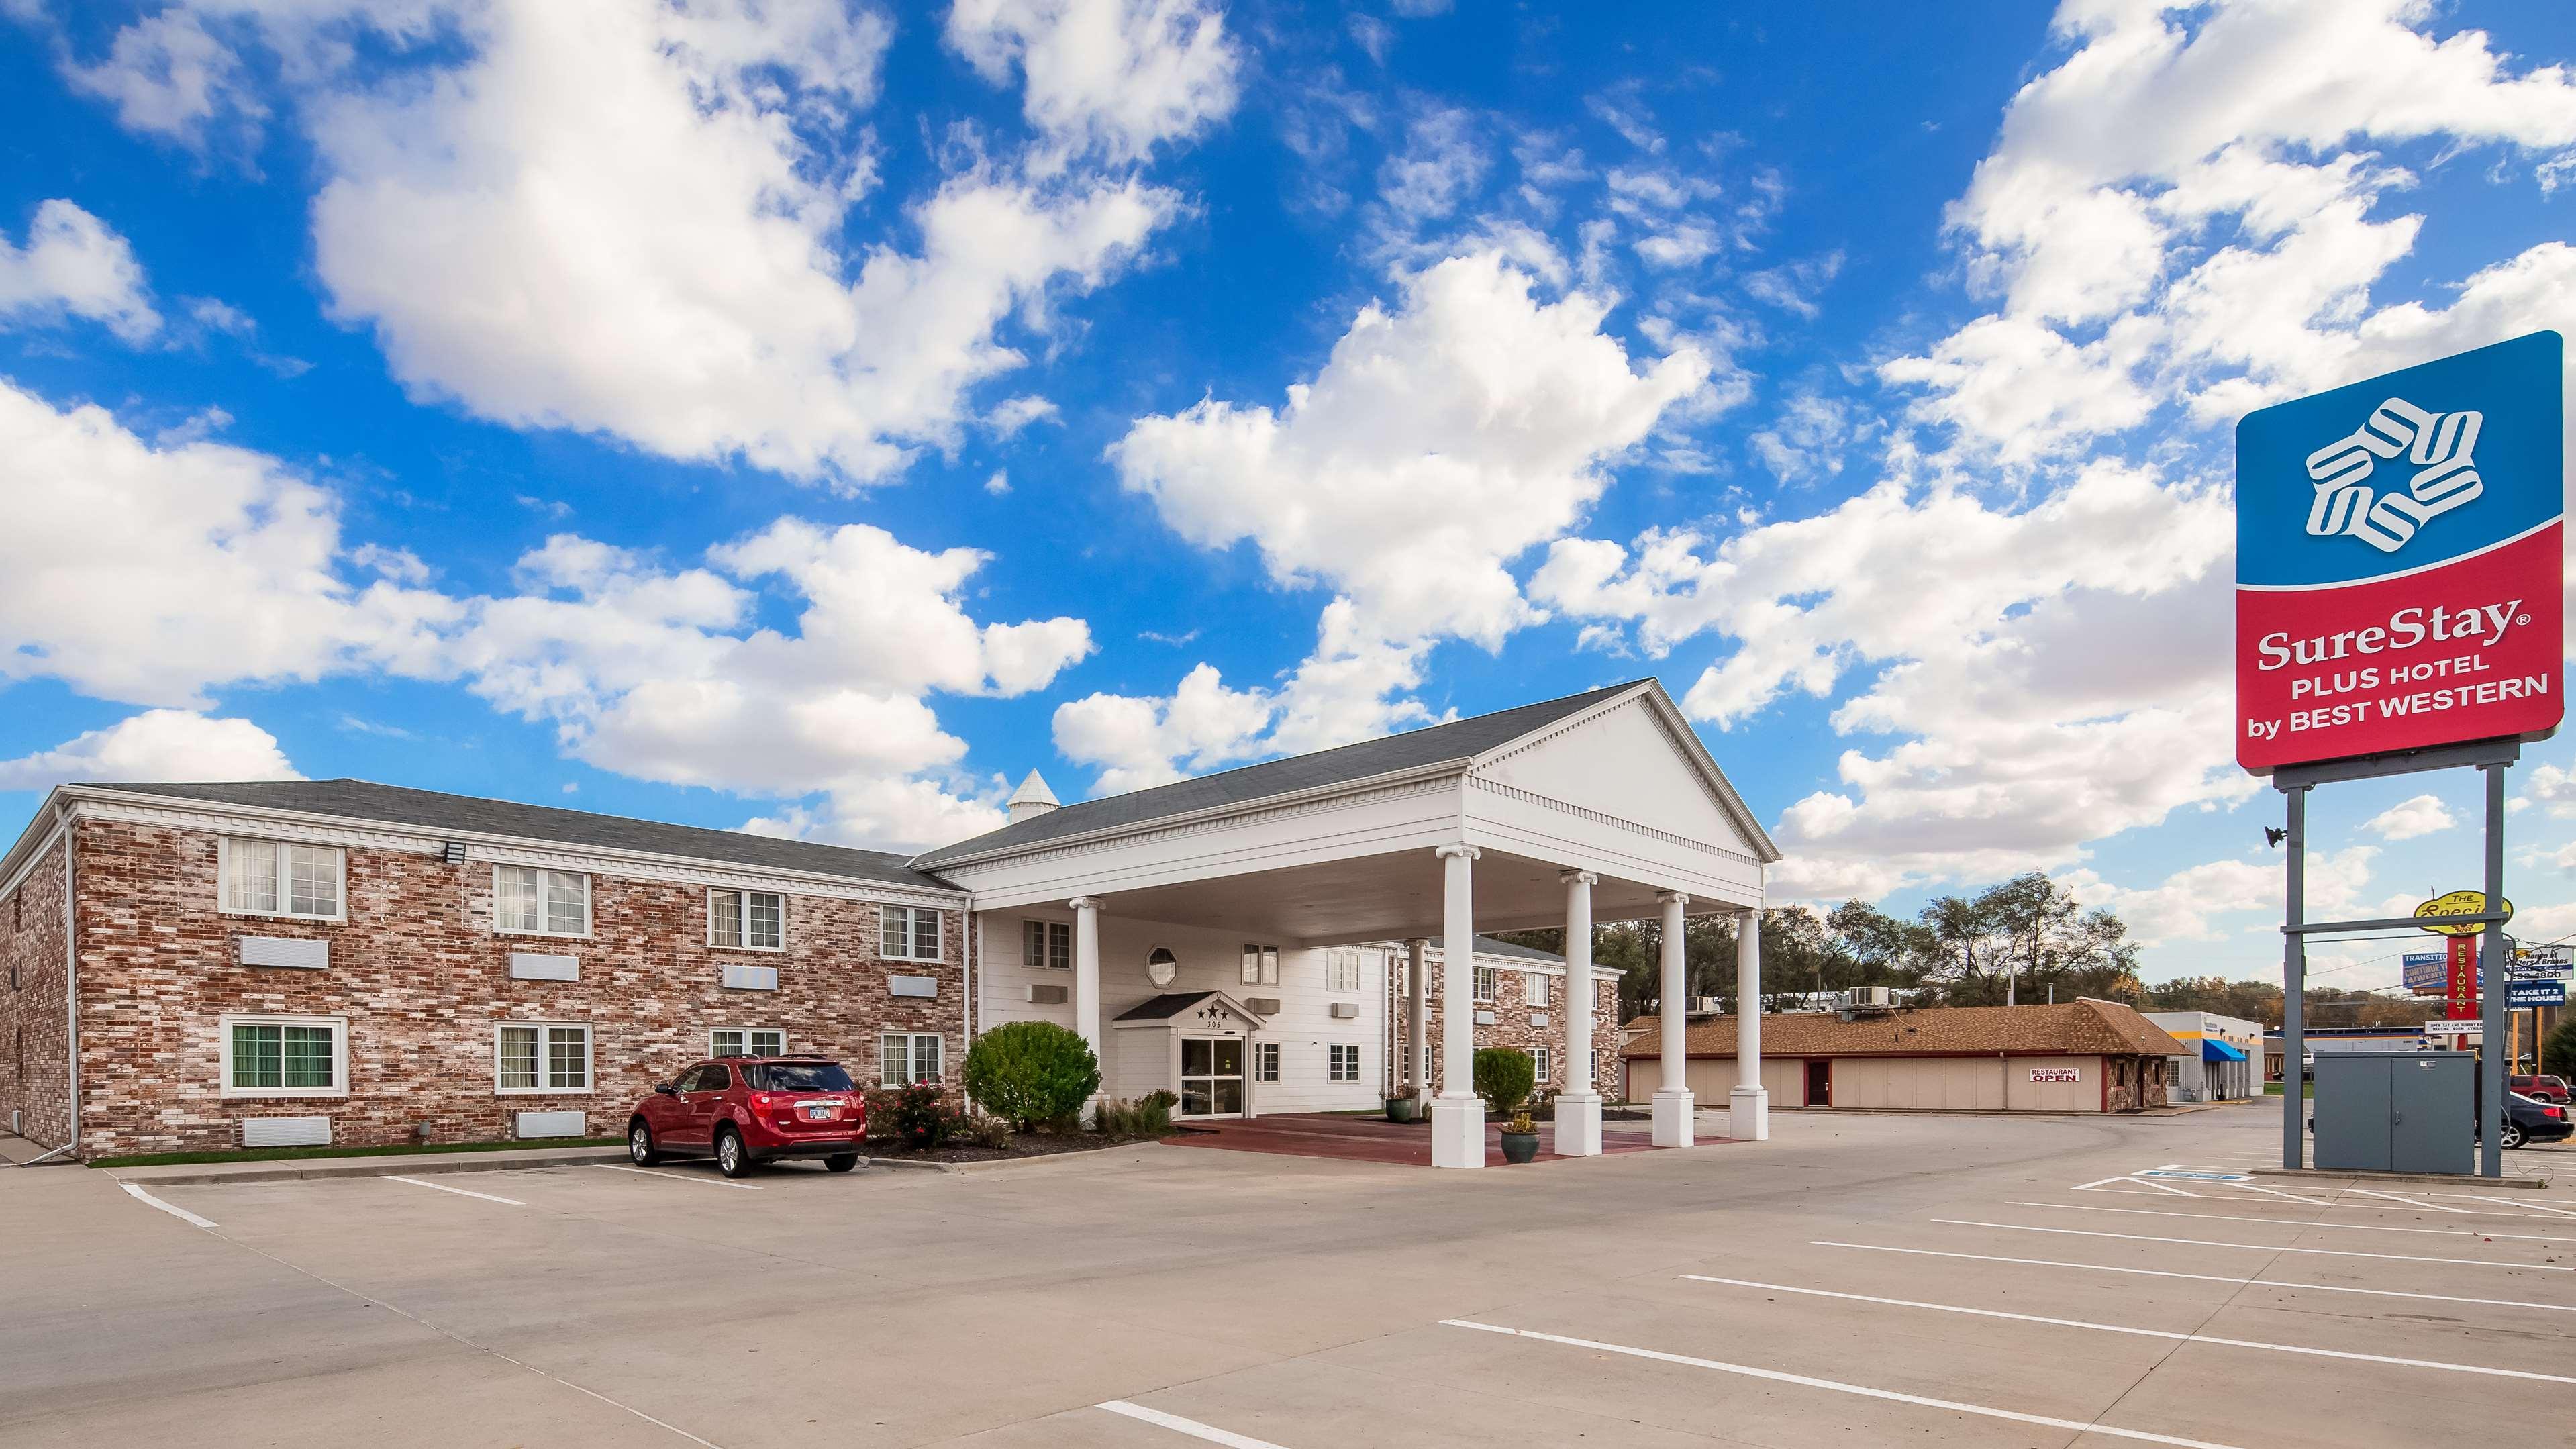 Surestay Plus Hotel By Best Western Omaha South In Bellevue  Ne 68005